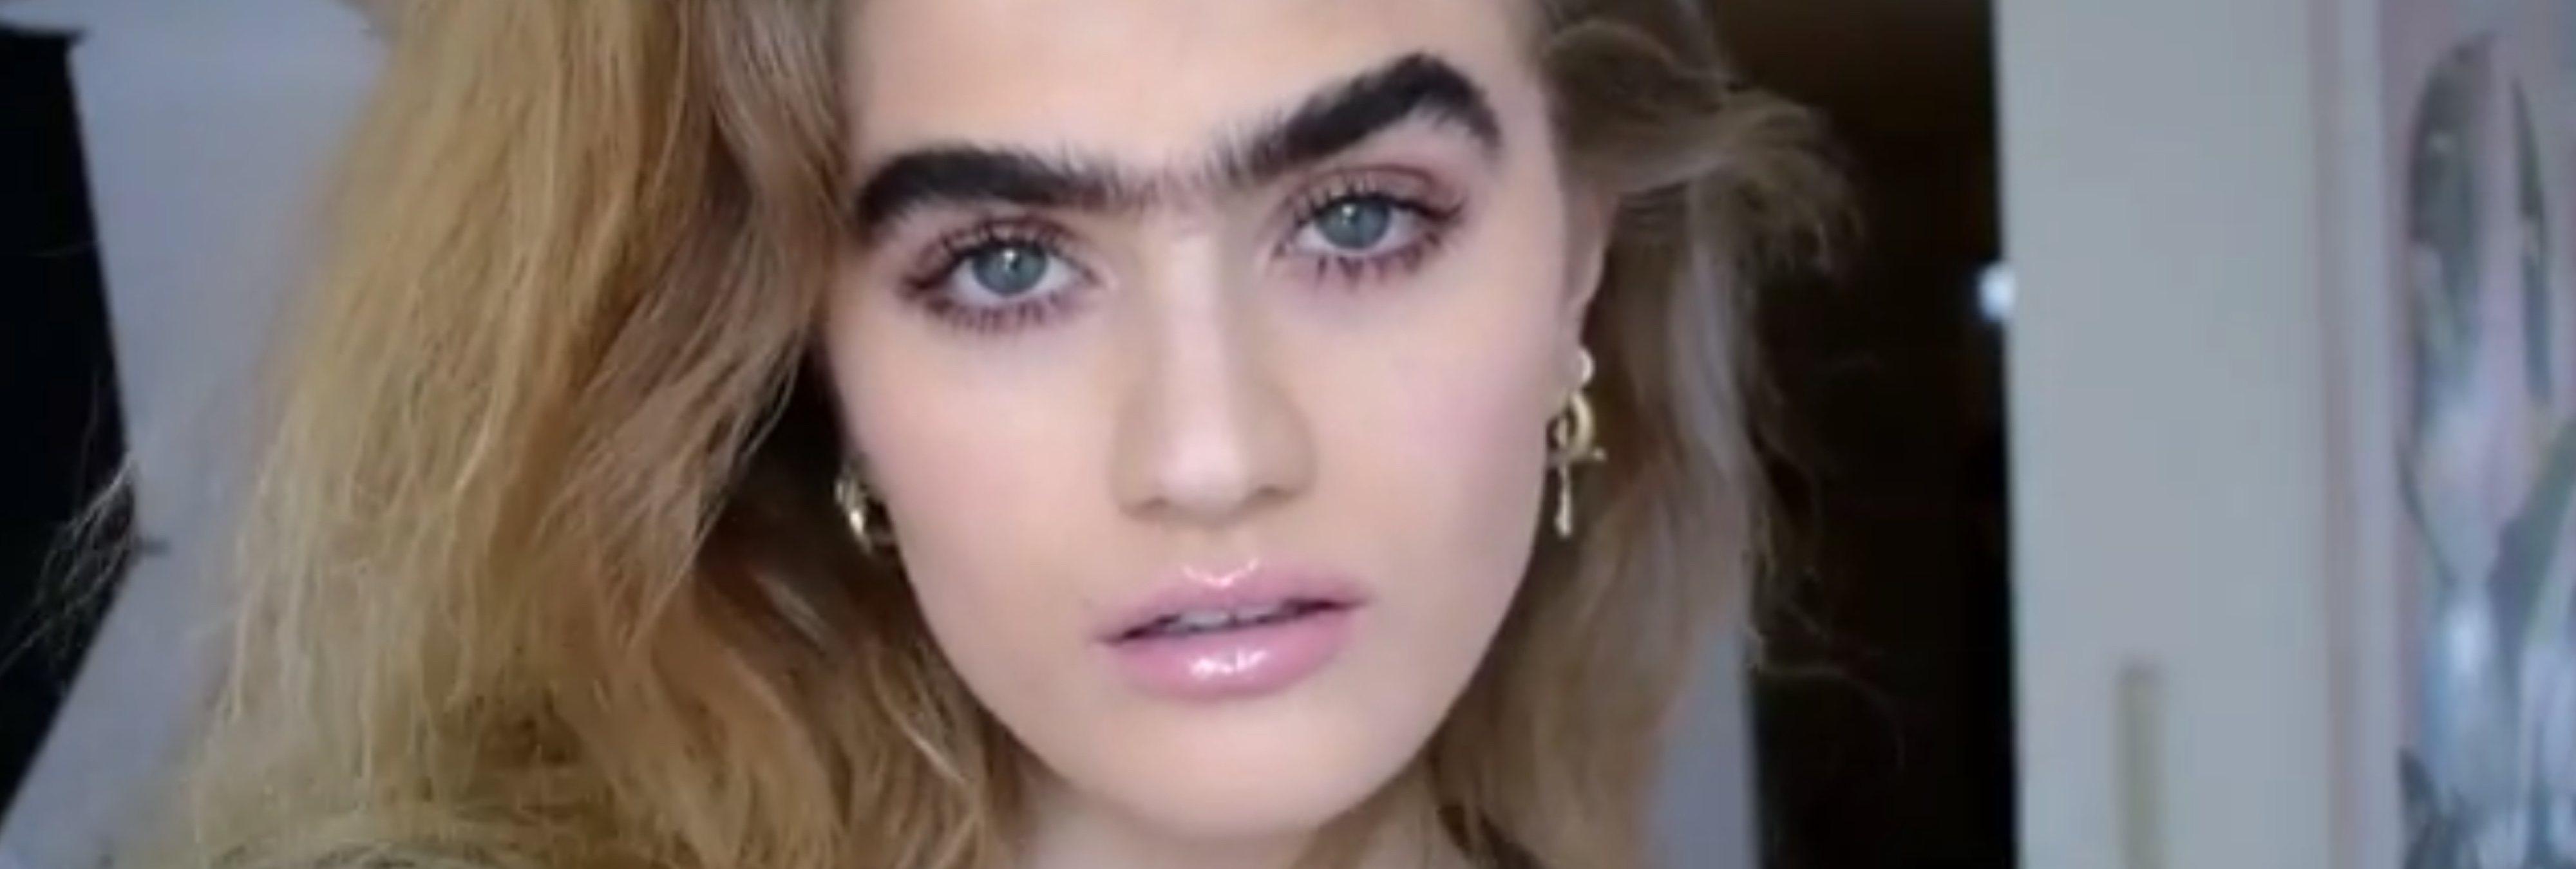 Sophia Hadjipanteli, la modelo griega que reivindica el entrecejo